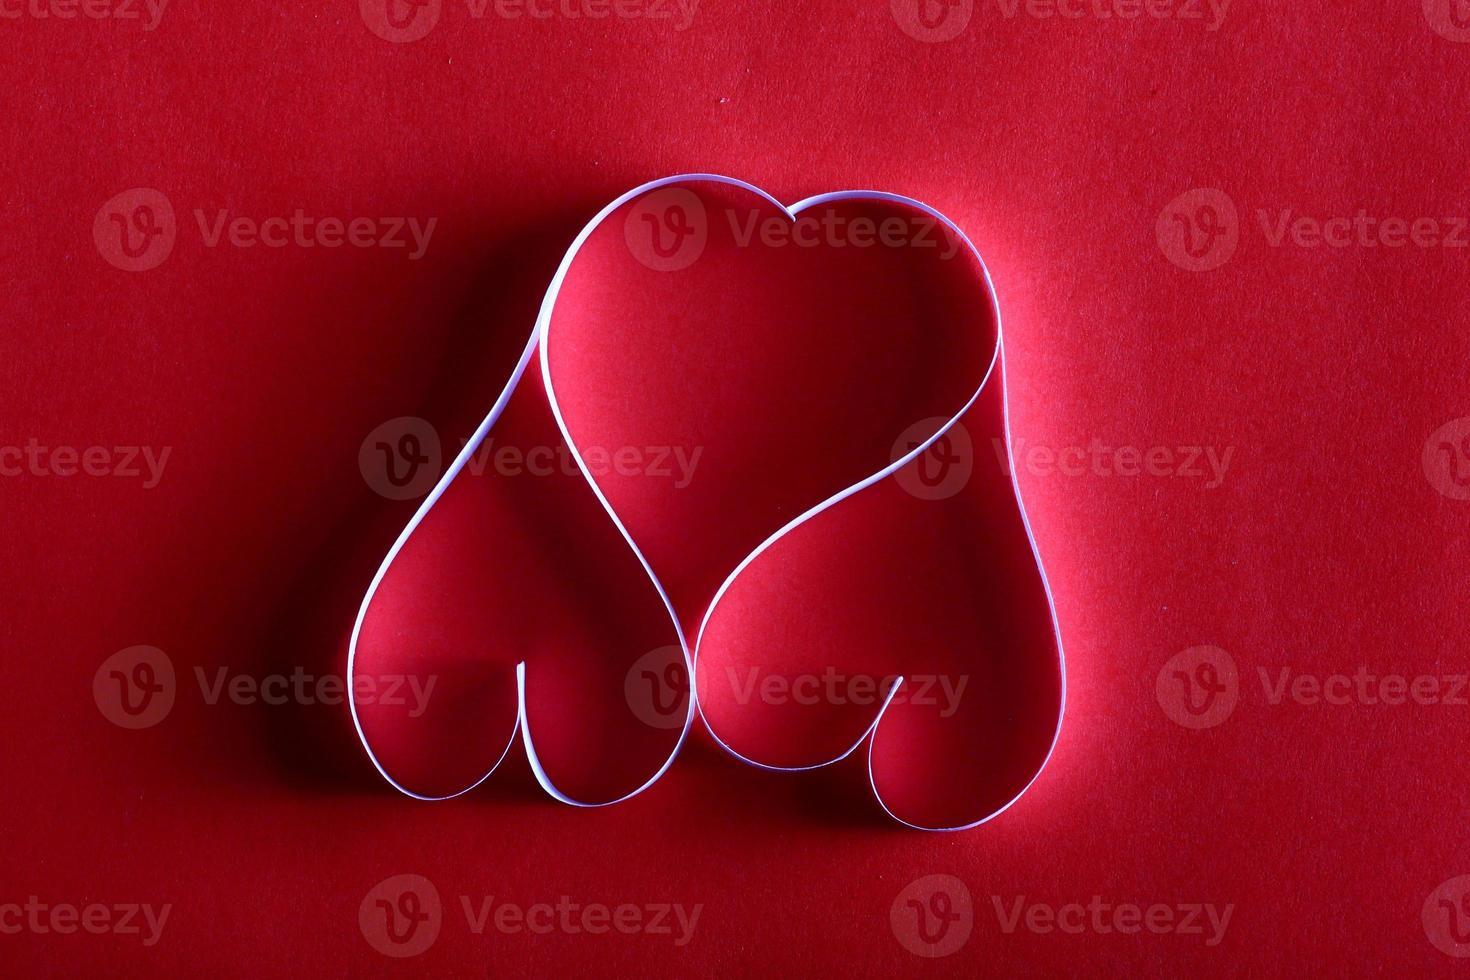 fondo de corazones de papel st. enamorado foto